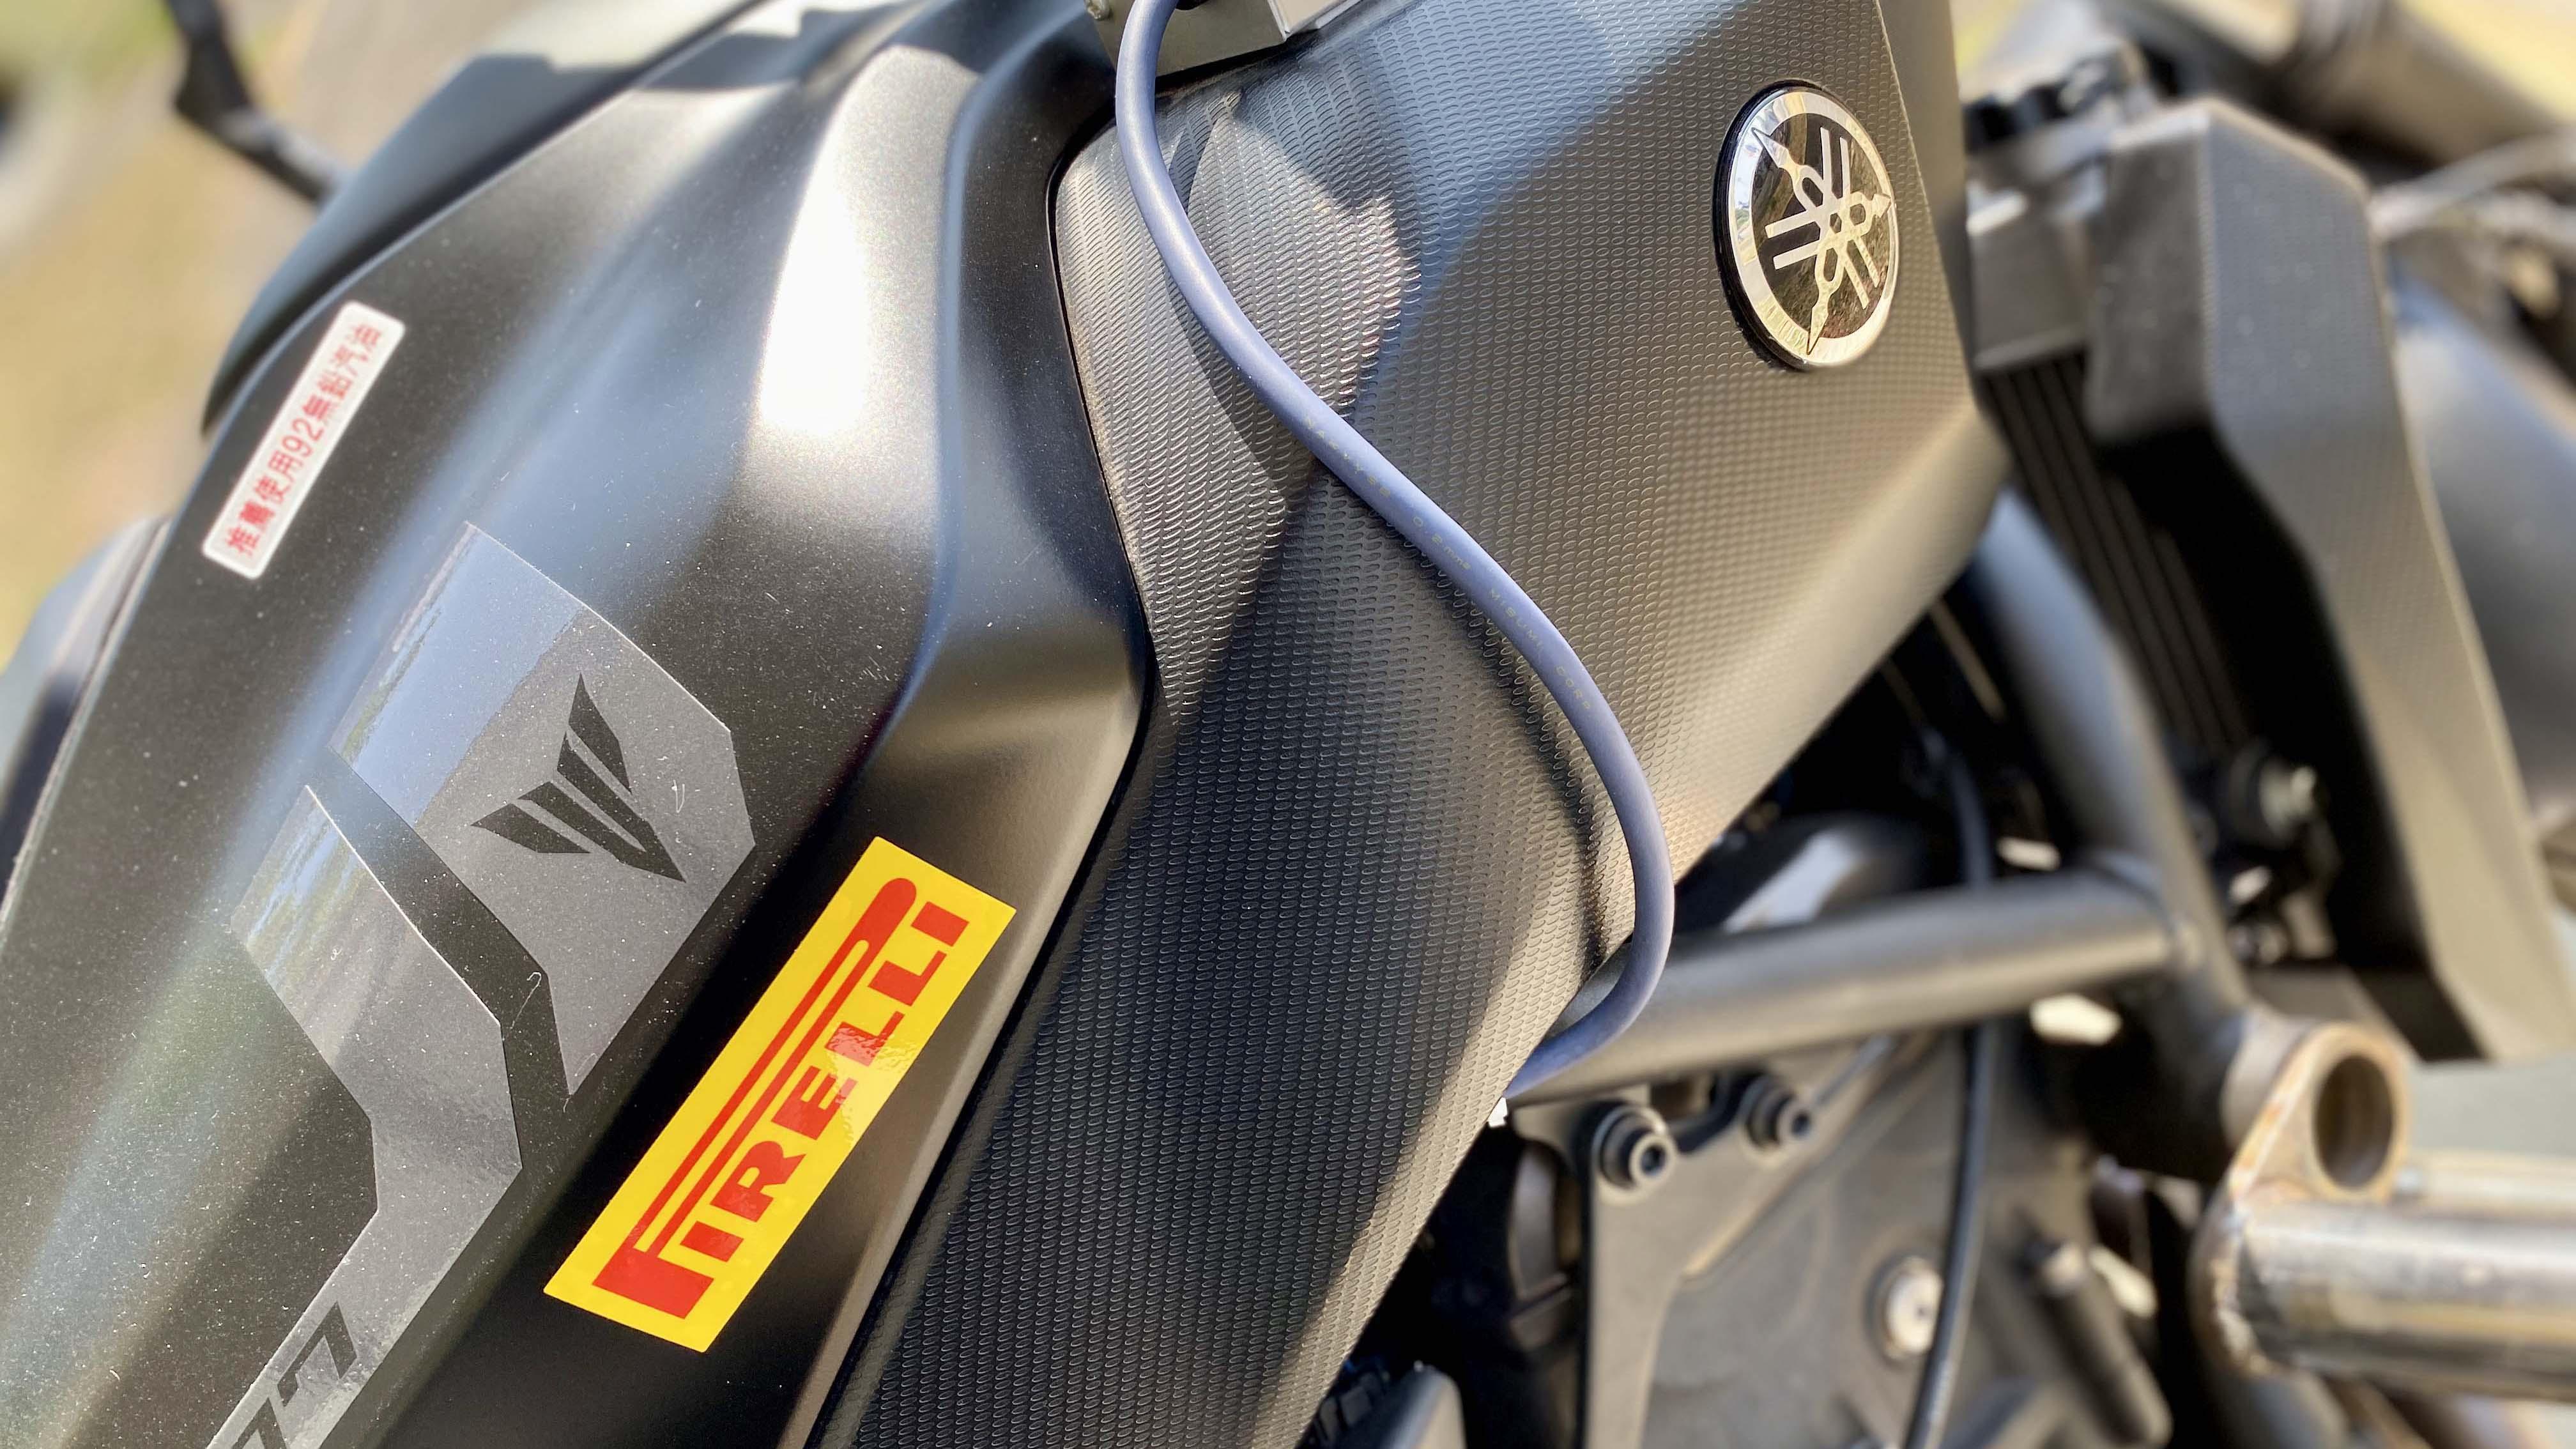 讓騎士又帥又安全!倍耐力 x Yamaha 安駕課程開放報名